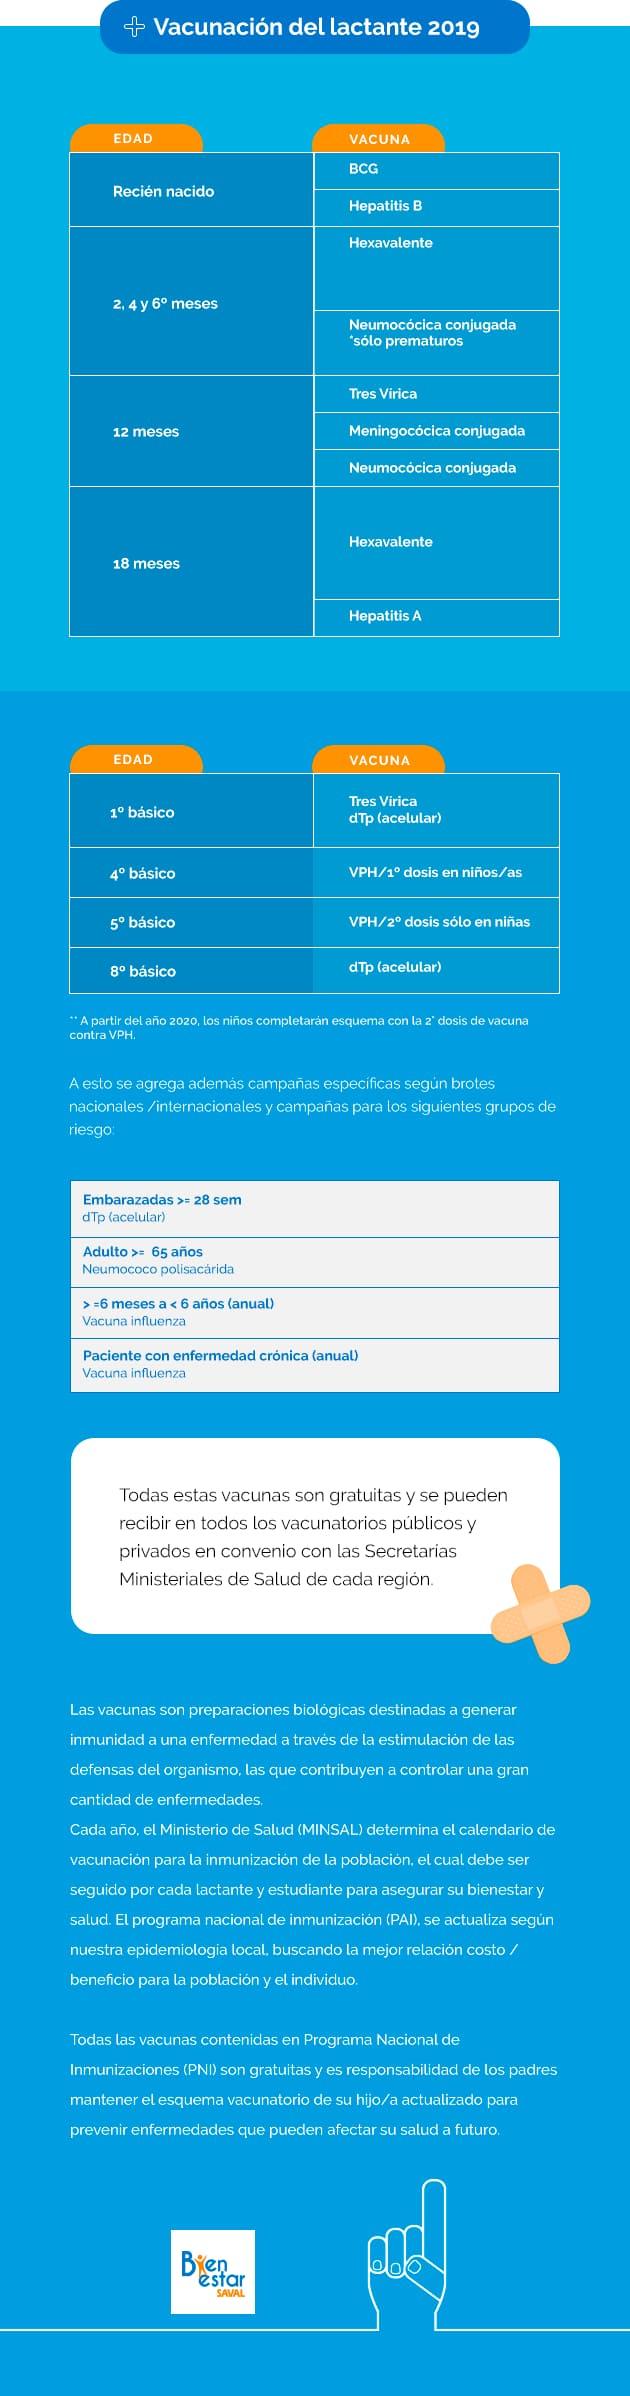 Calendario De Vacunacion 2020.Conoce El Calendario De Vacunacion 2019 Blog Bienestarsaval Cl